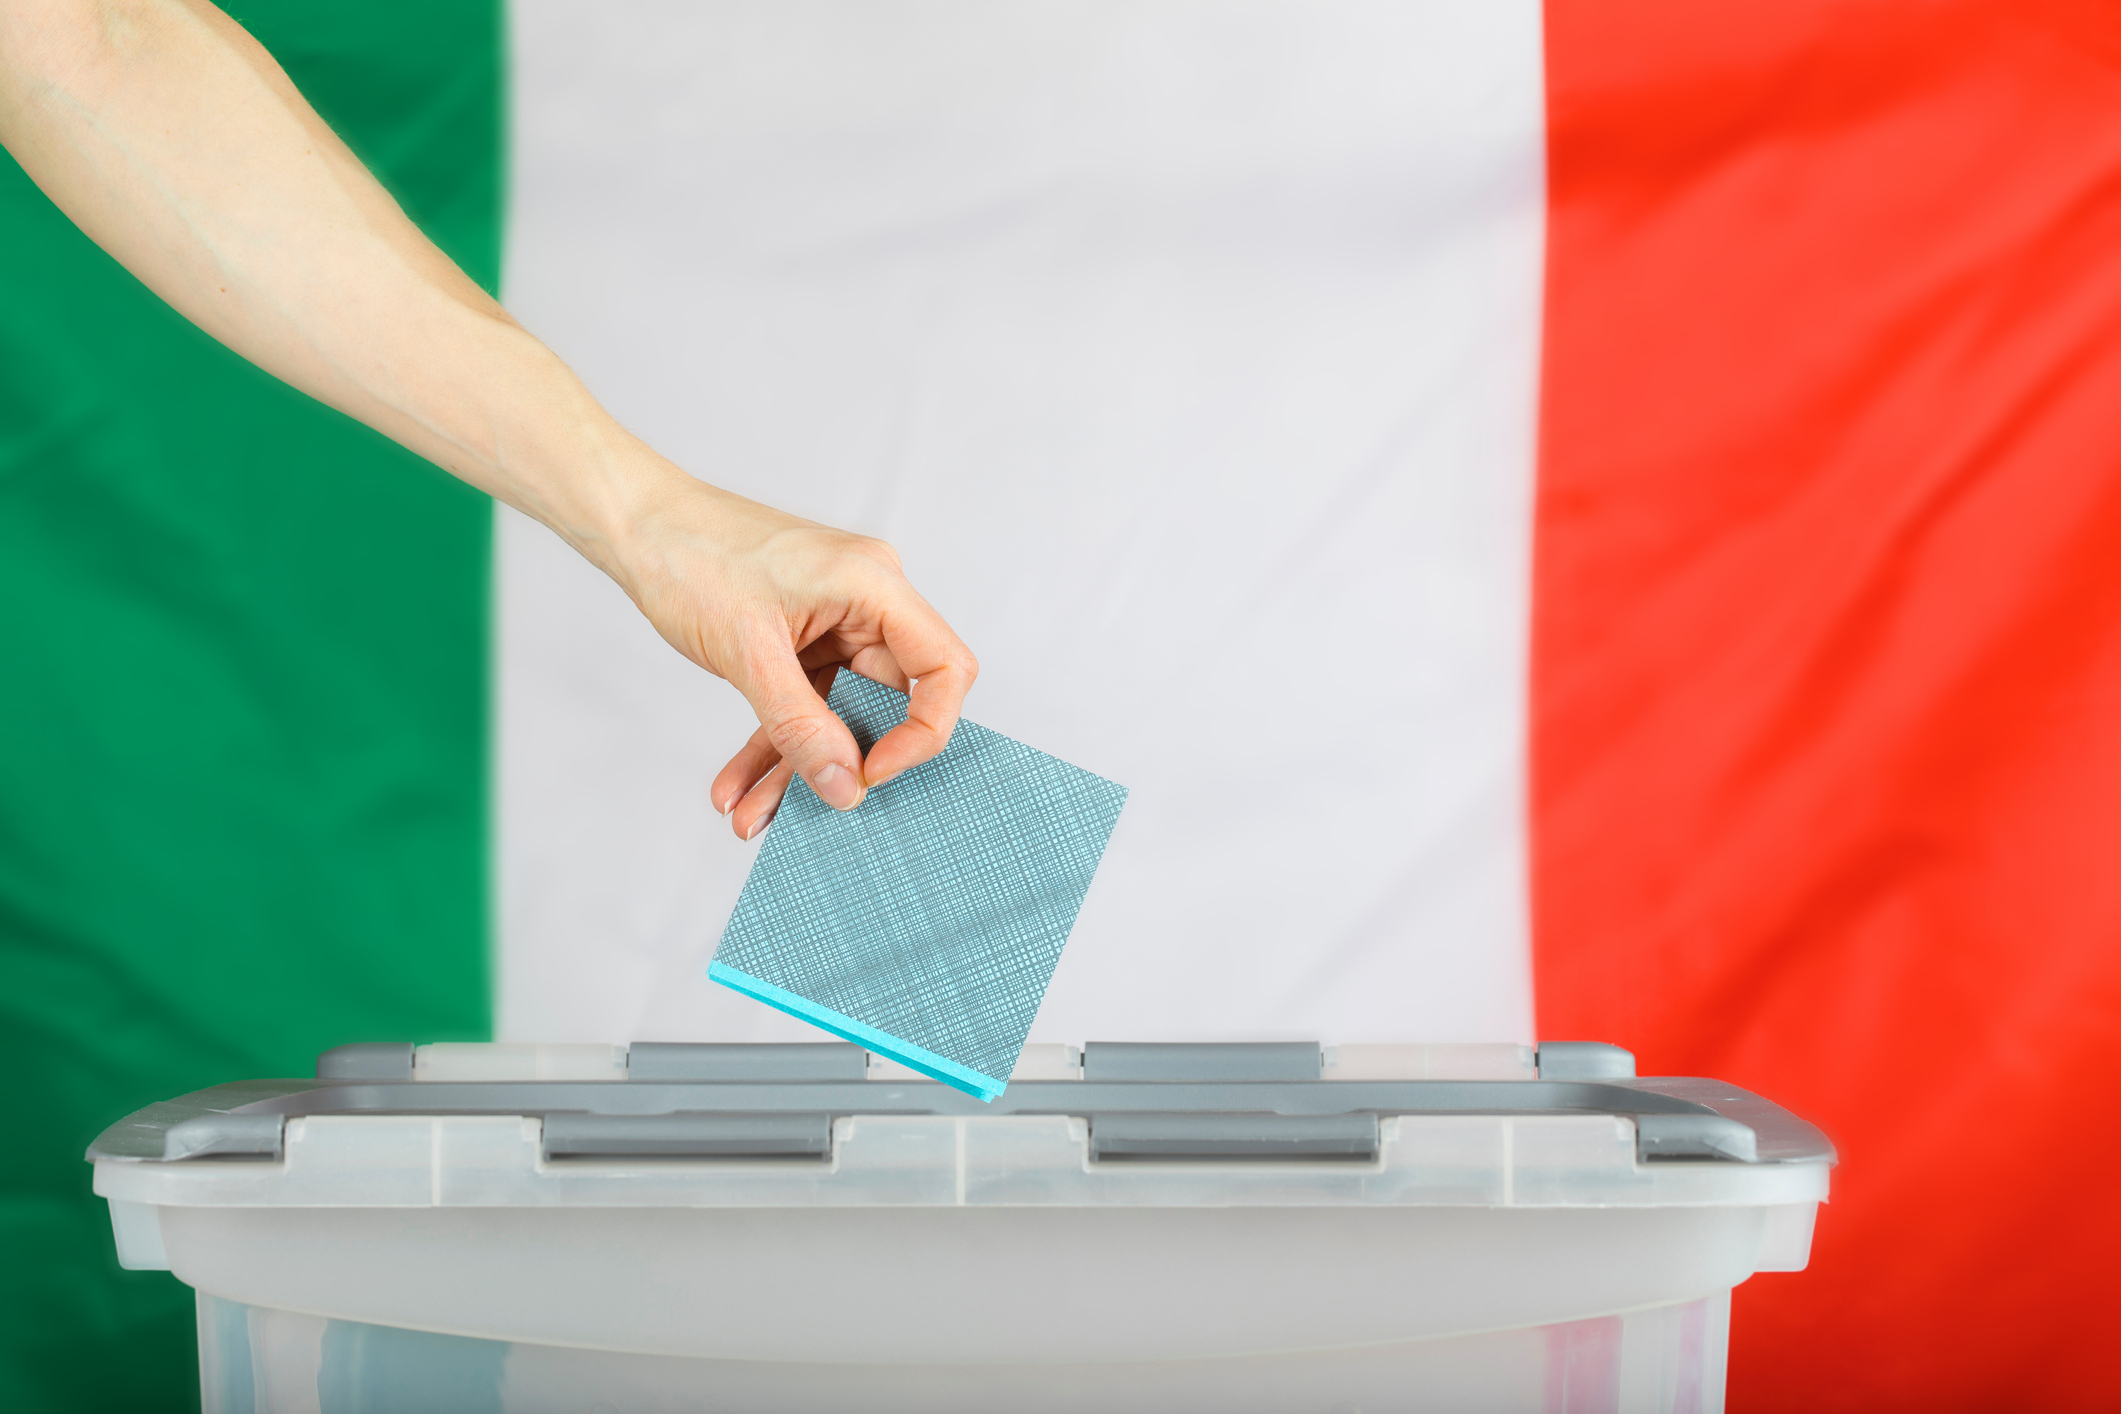 Nuovo Video Corso a cura dell'esperto Cosimo Damiano Zaca' -  Legge n.3/2013 - Spazzacorrotti - Consultazioni Elettorali - Adempimenti